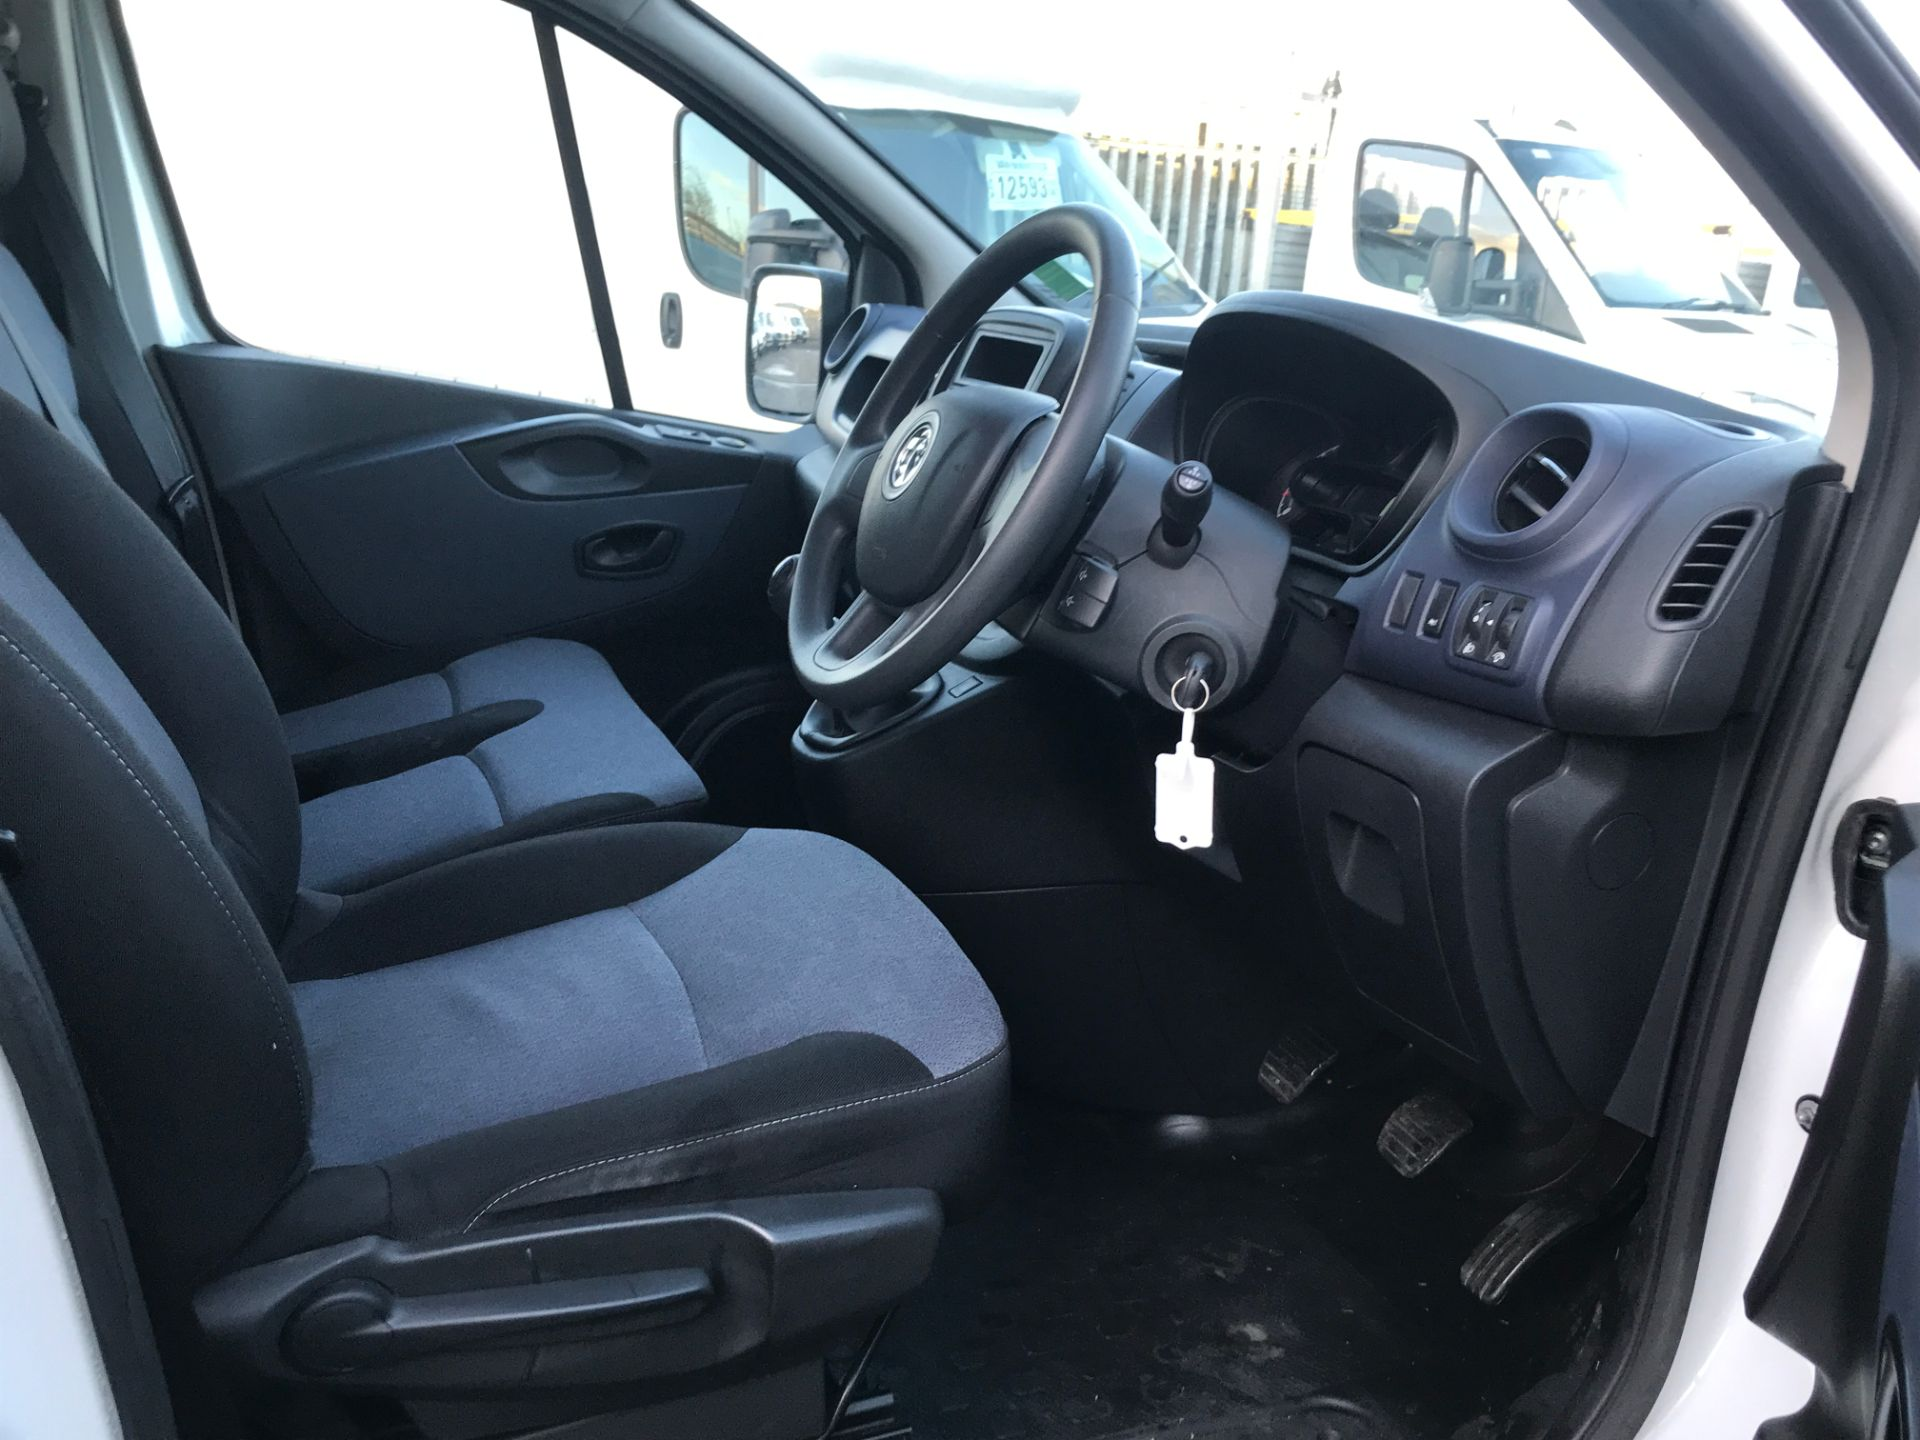 2017 Vauxhall Vivaro 2900 L2 H1 1.6CDTI 120PS EURO 6 (DP17UJB) Image 2